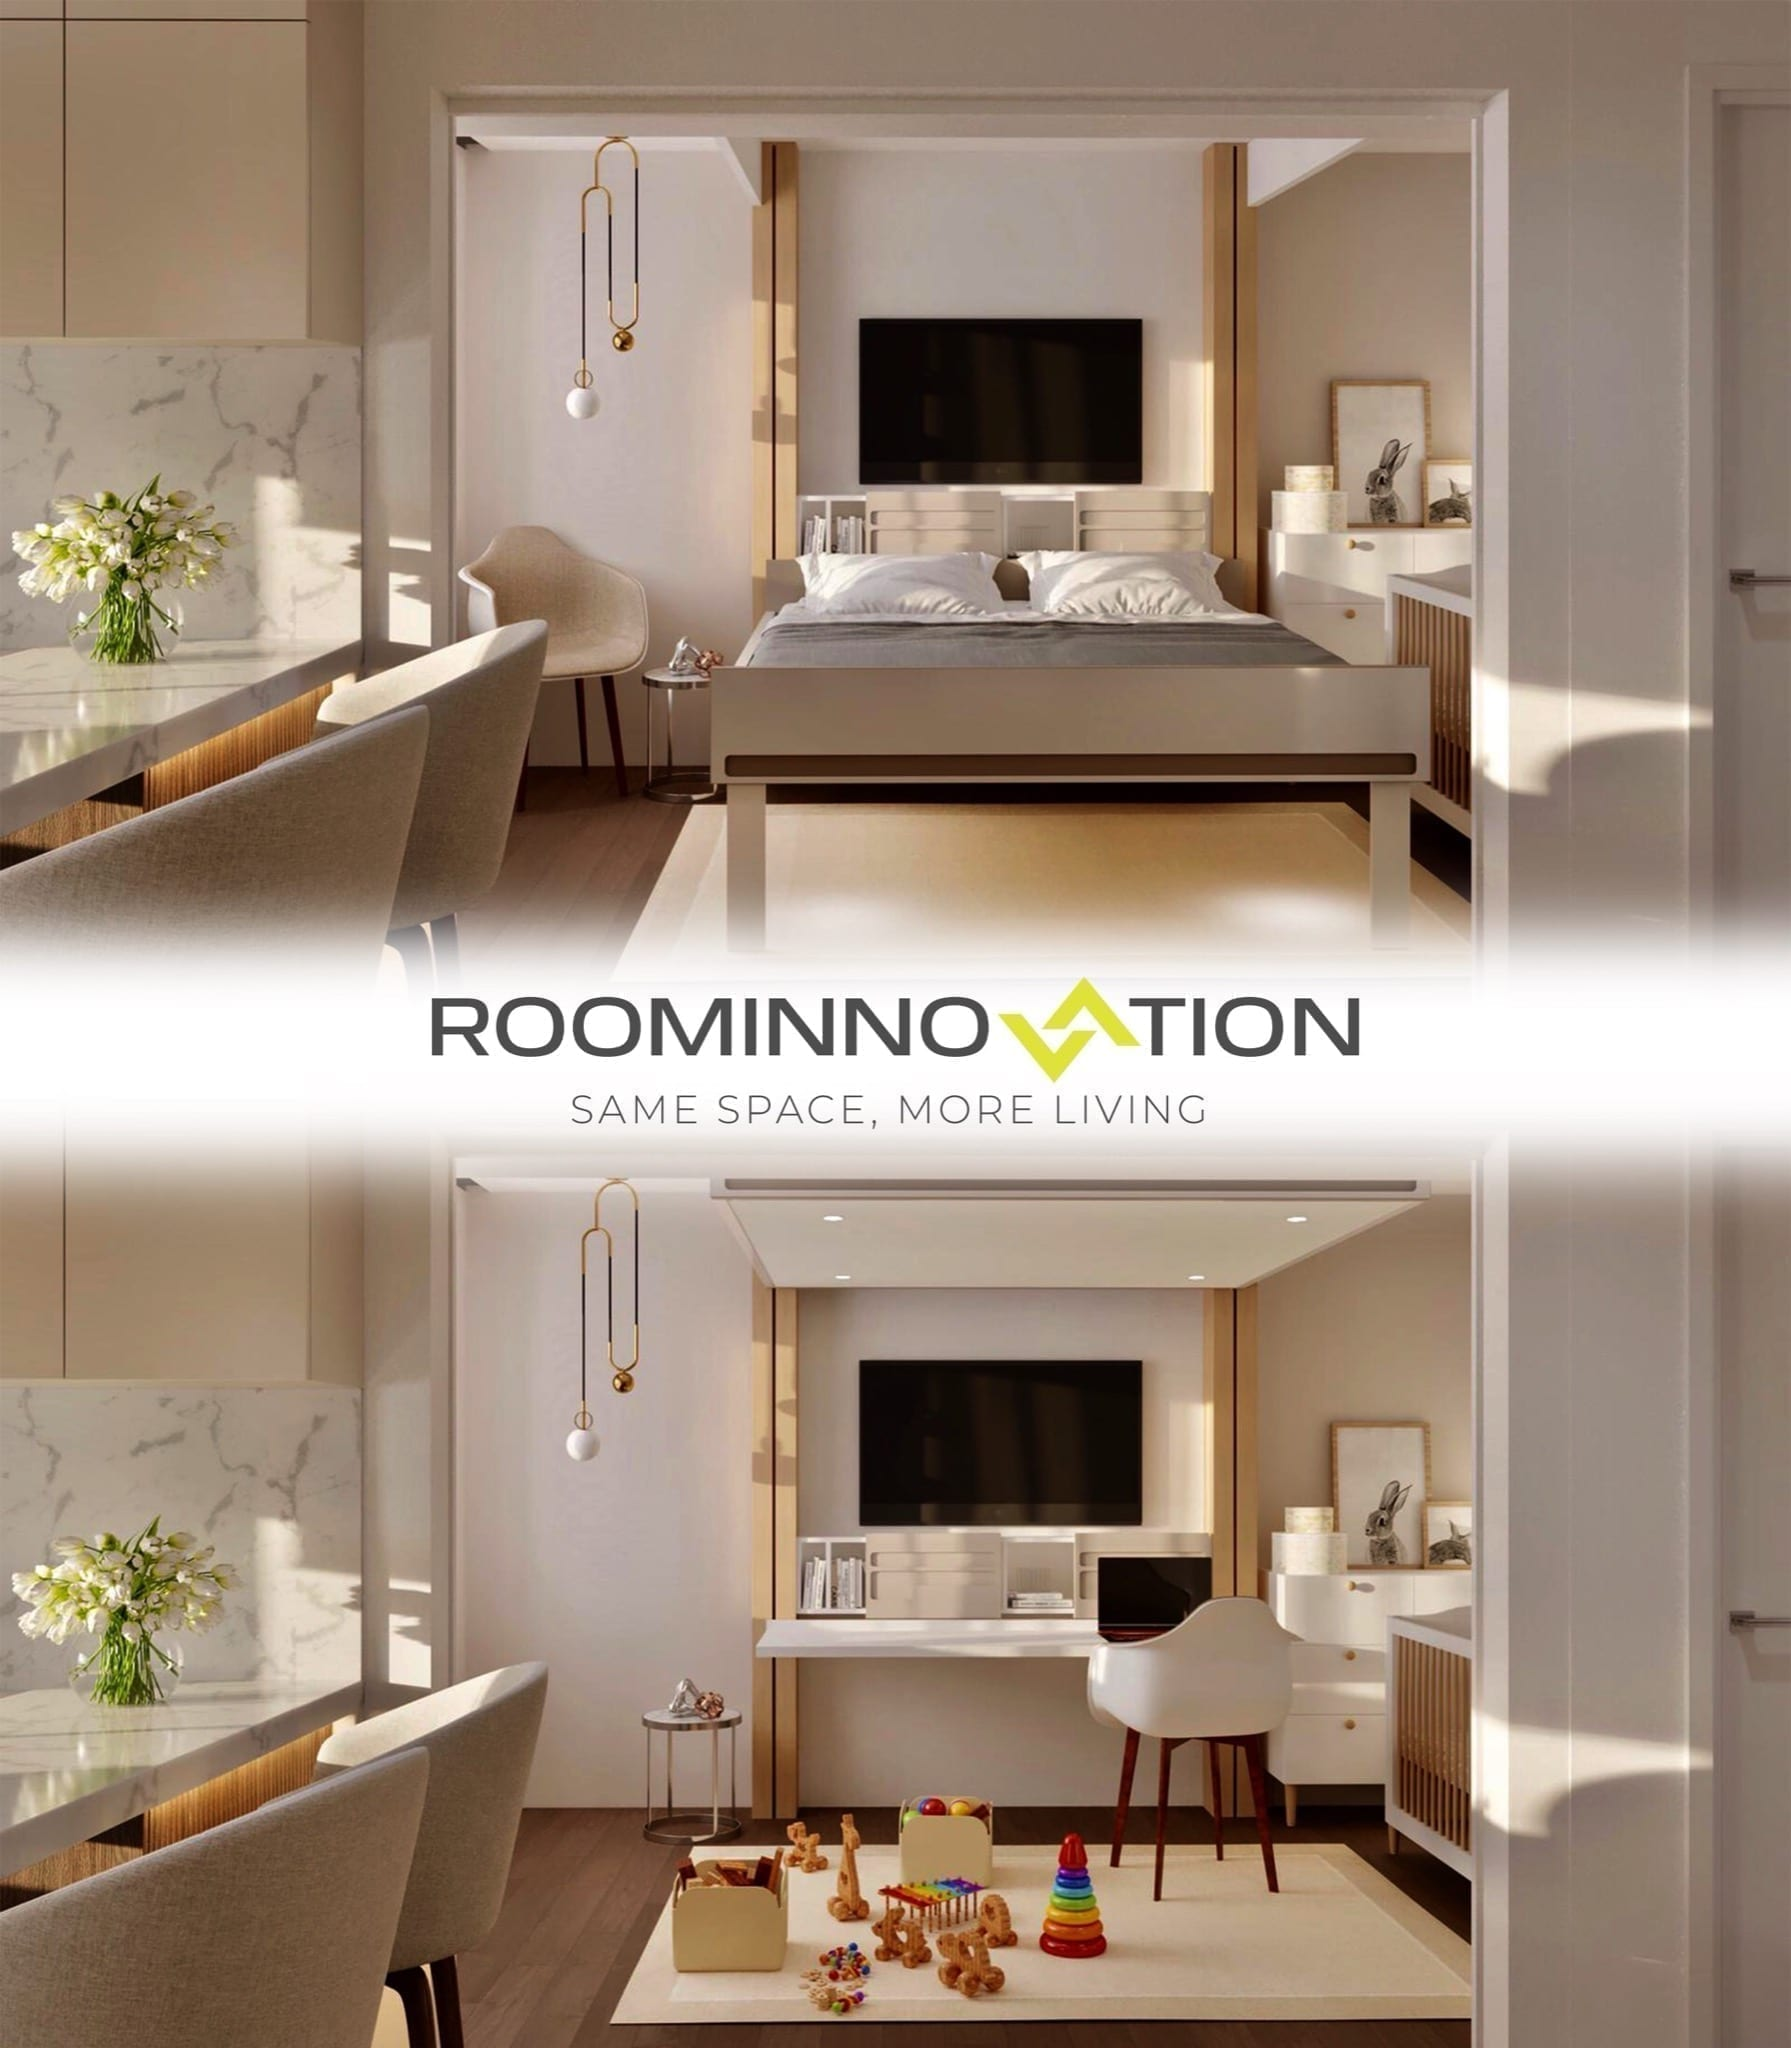 pat blur alb 2 copy - RoomInnovation, conceptul inovator care revoluționează conceptul clasic de apartament